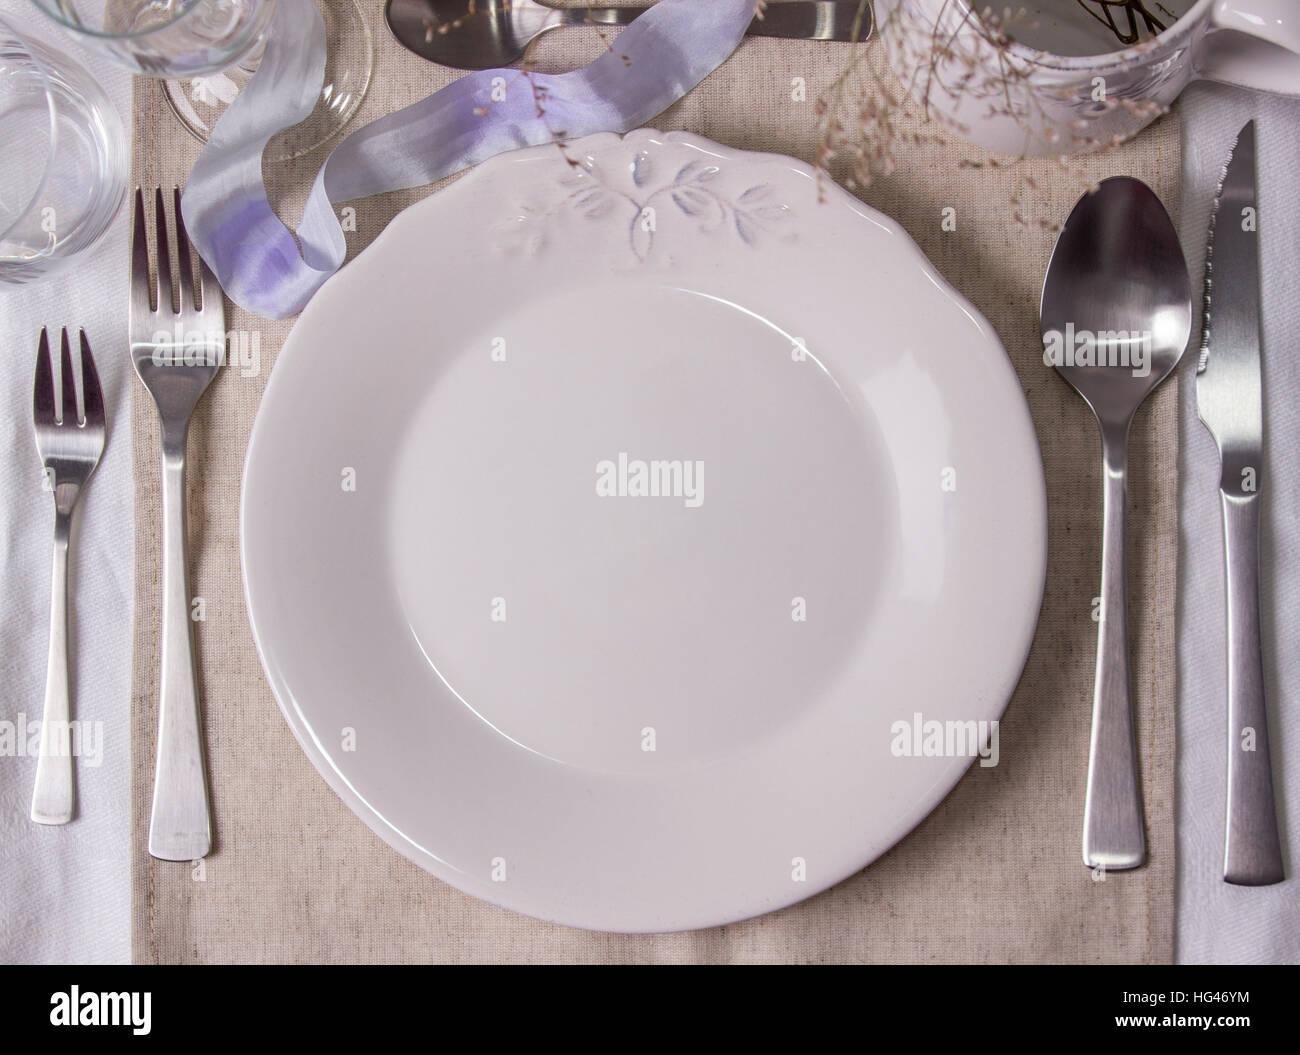 Großartig Tischzelte Vorlage Fotos - Beispiel Anschreiben für ...